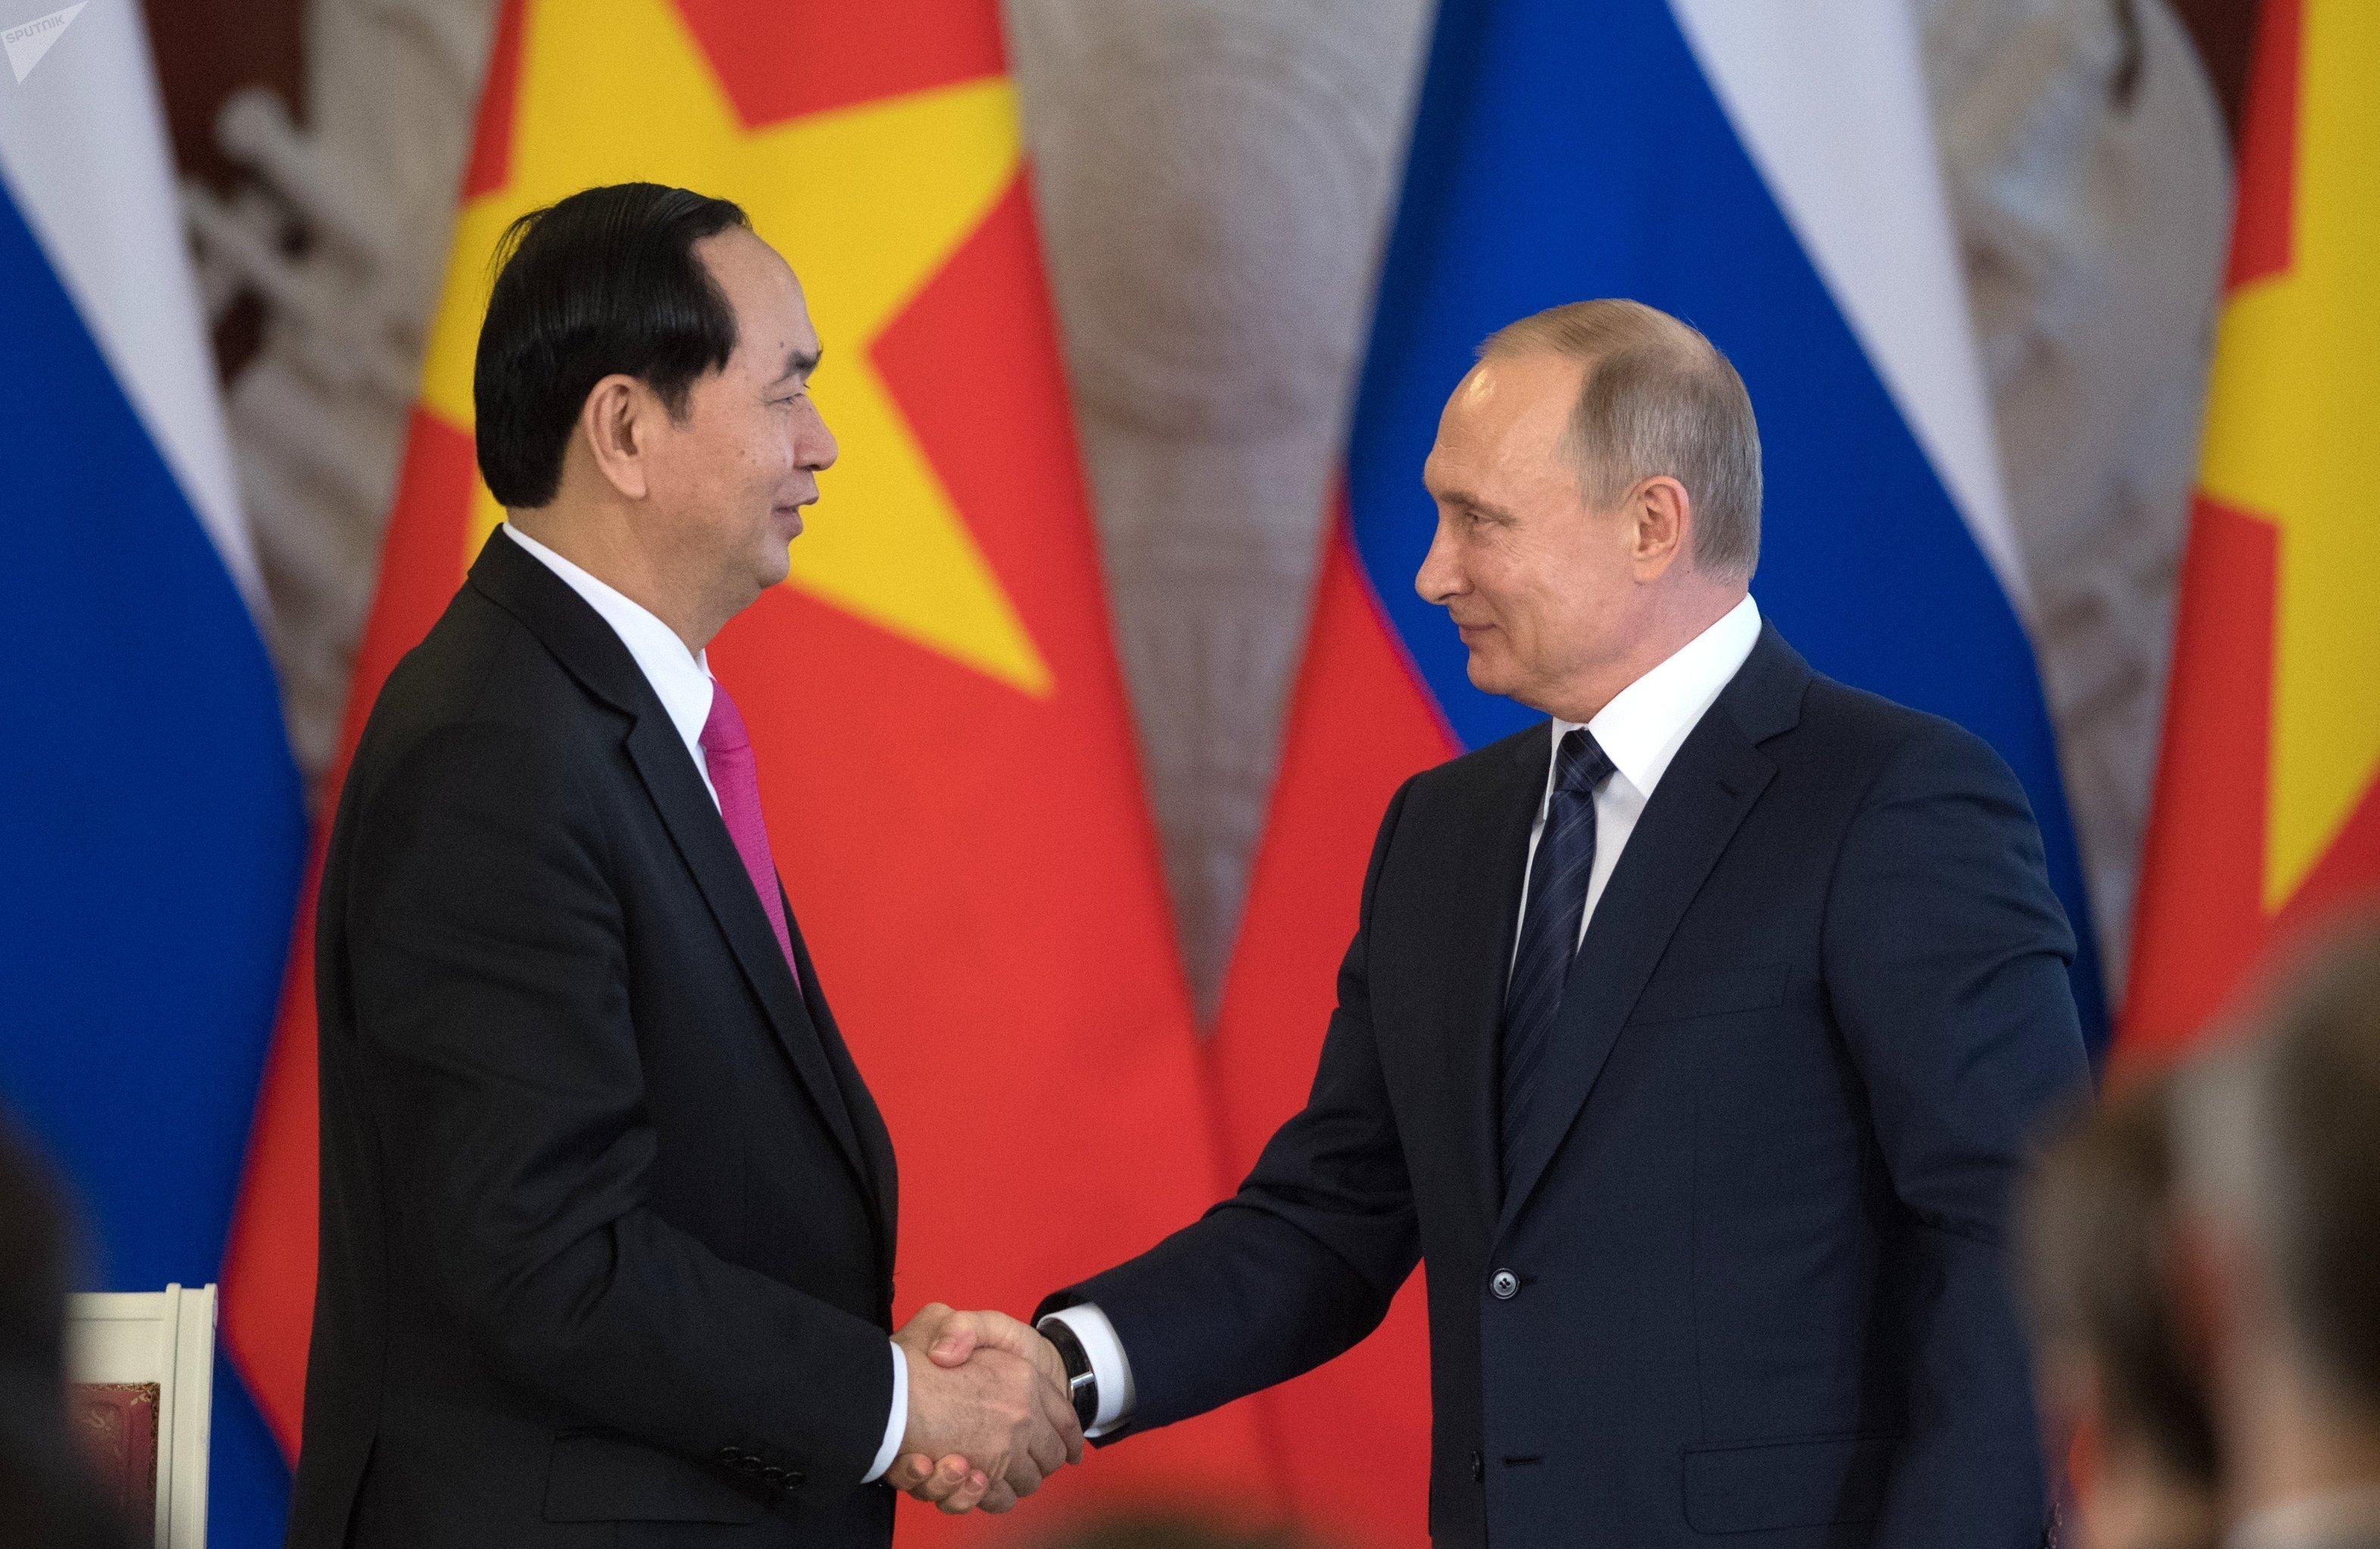 El presidente de Vietnam, Tran Dai Quang y el presidente de Rusia, Vladímir Putin